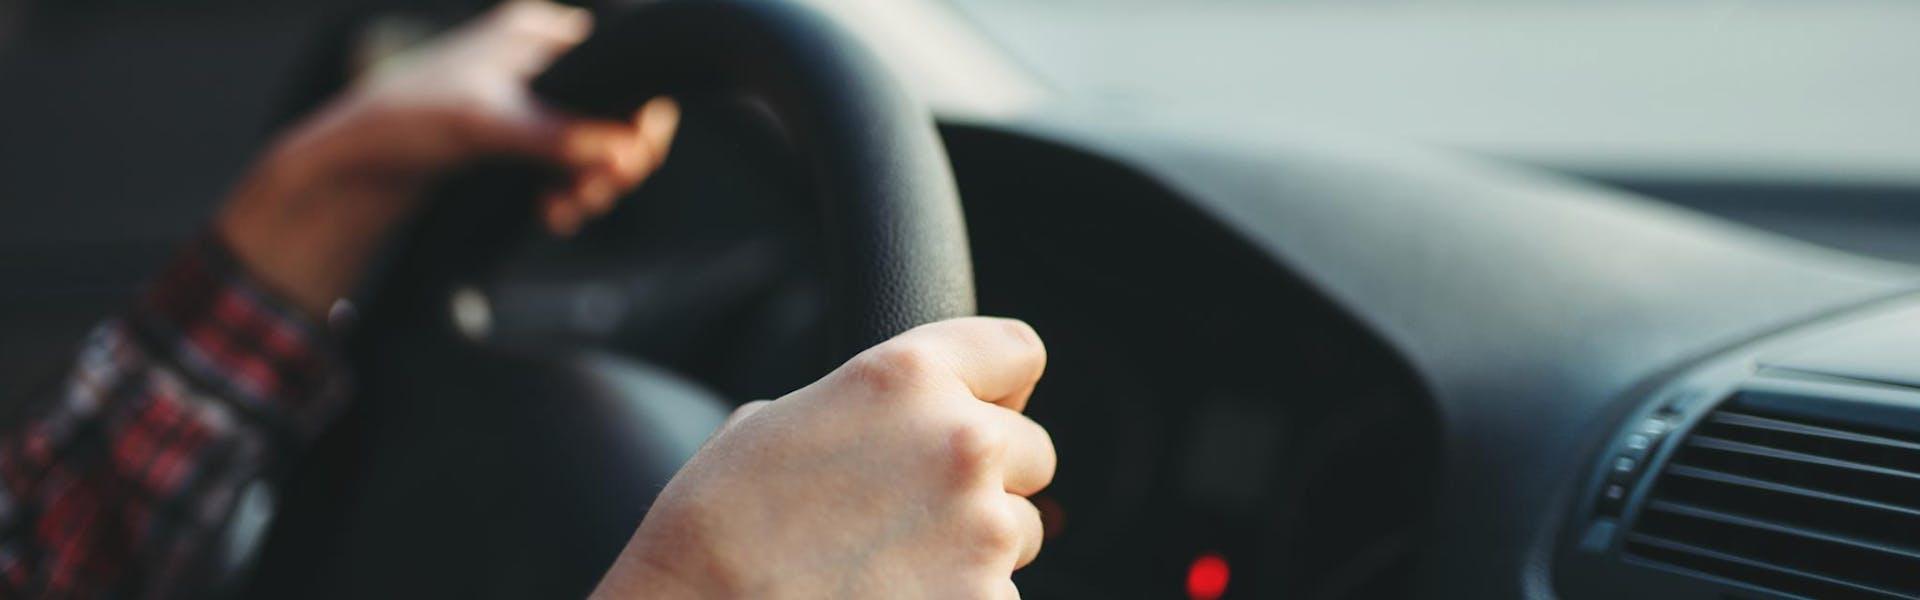 Använd BokaMeras bokningssystem för din trafikskola